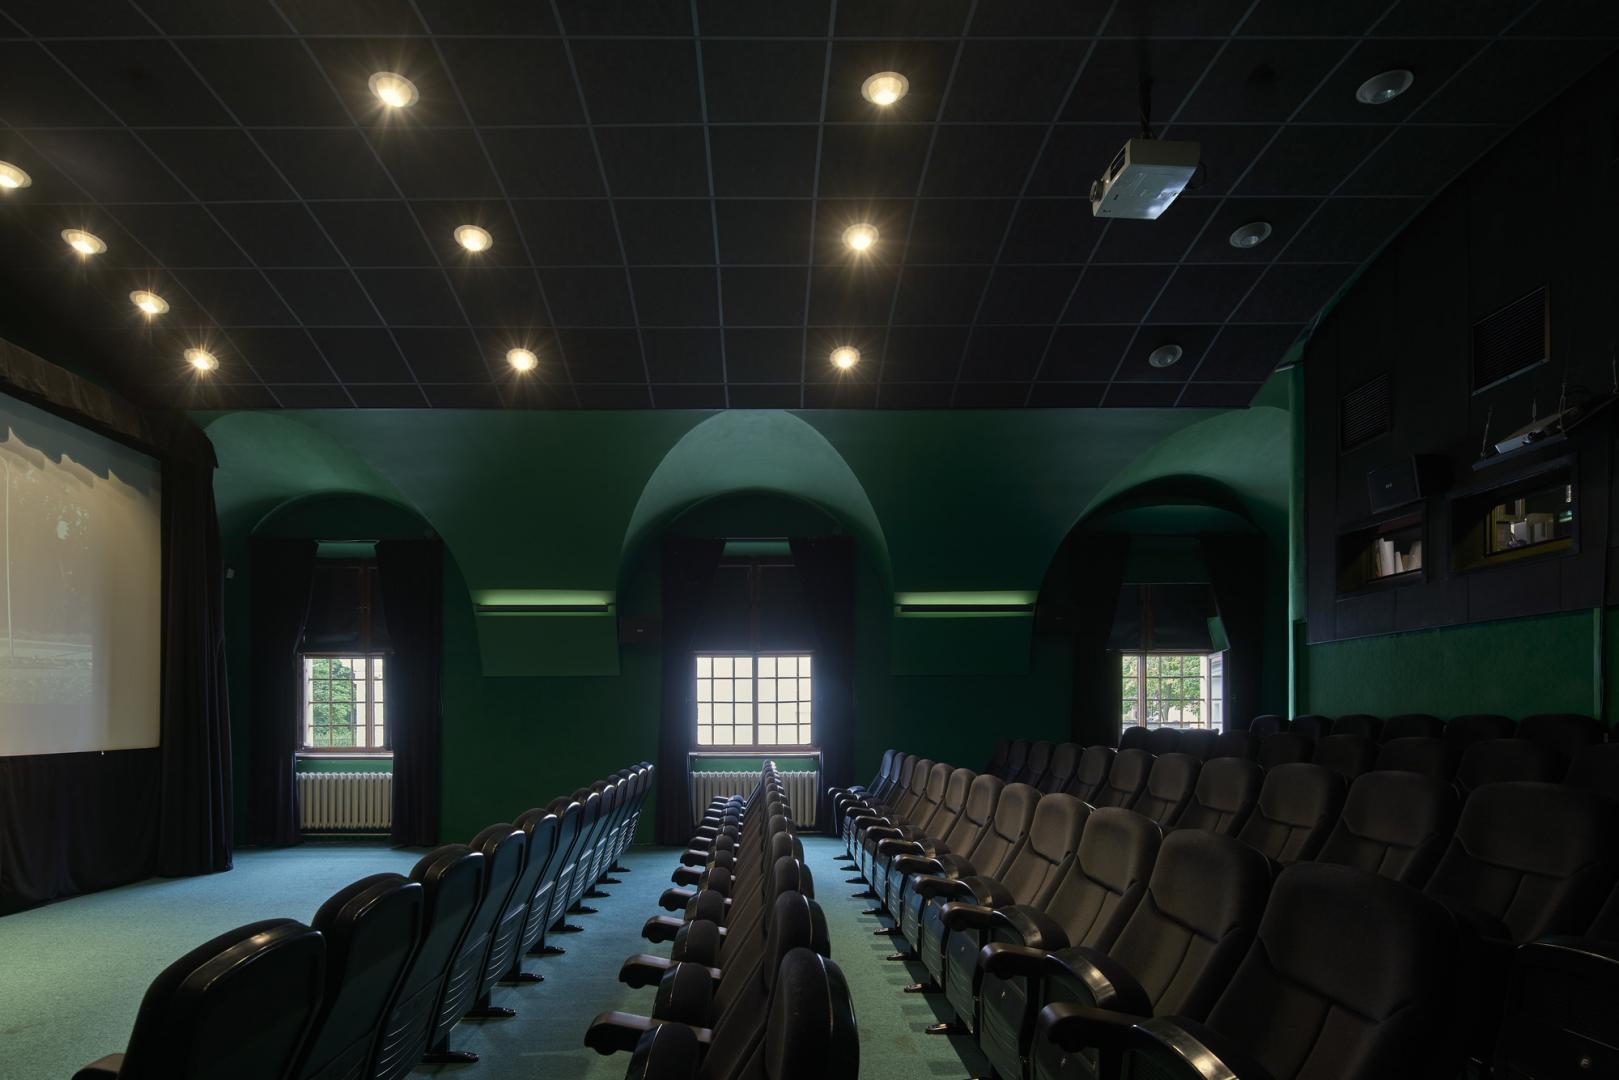 U-jazdowski Cinema venue image